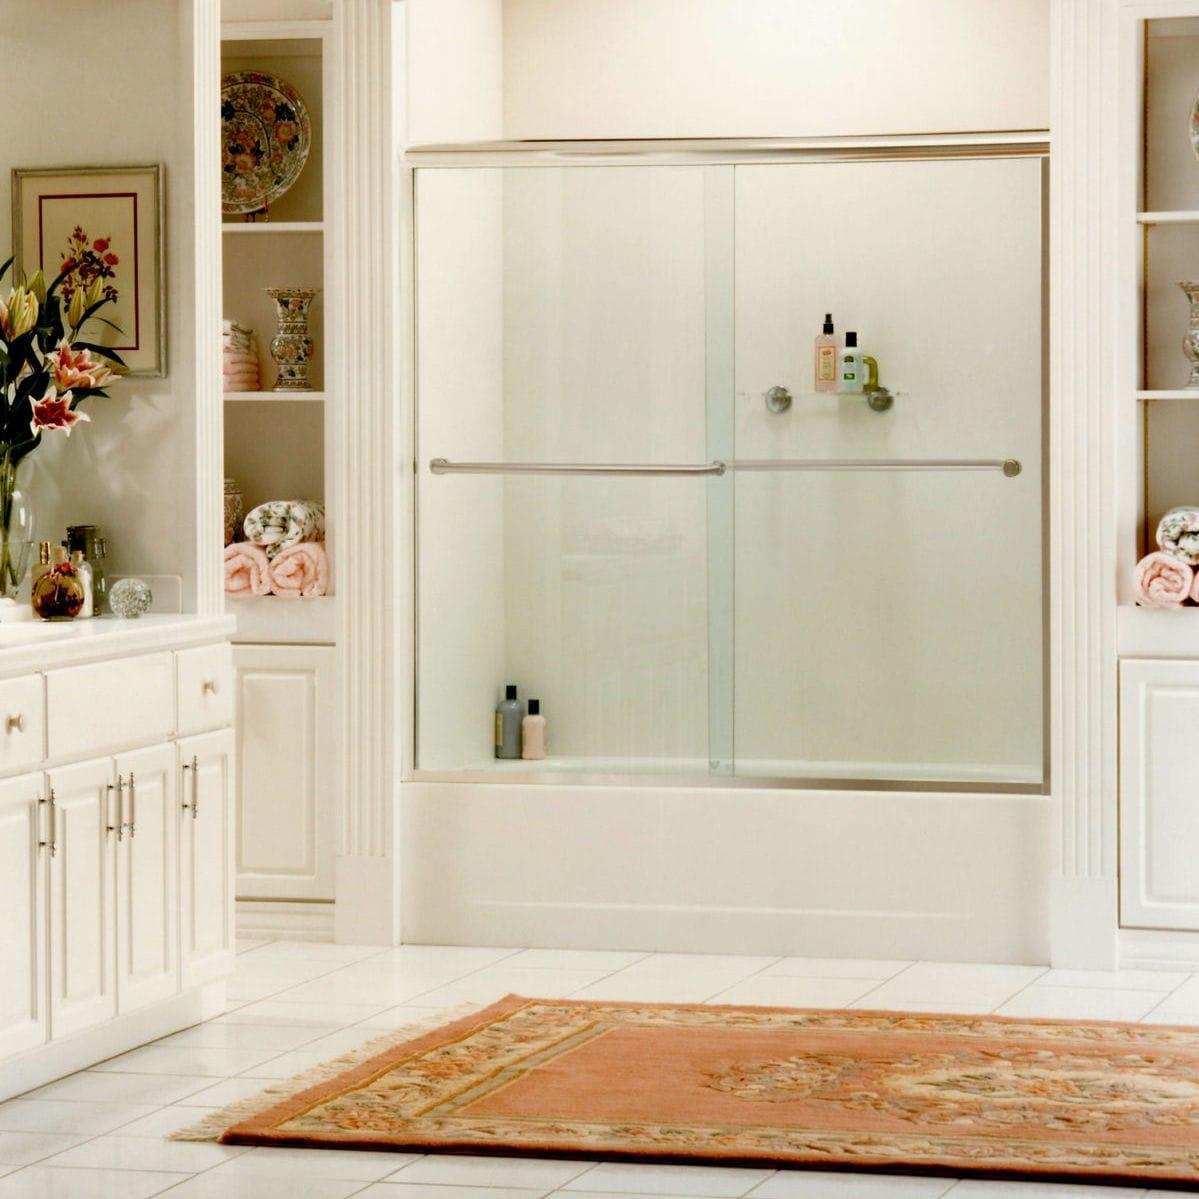 Sliding bath screen - 1040 / 1050 - Alumax Bath Enclosures